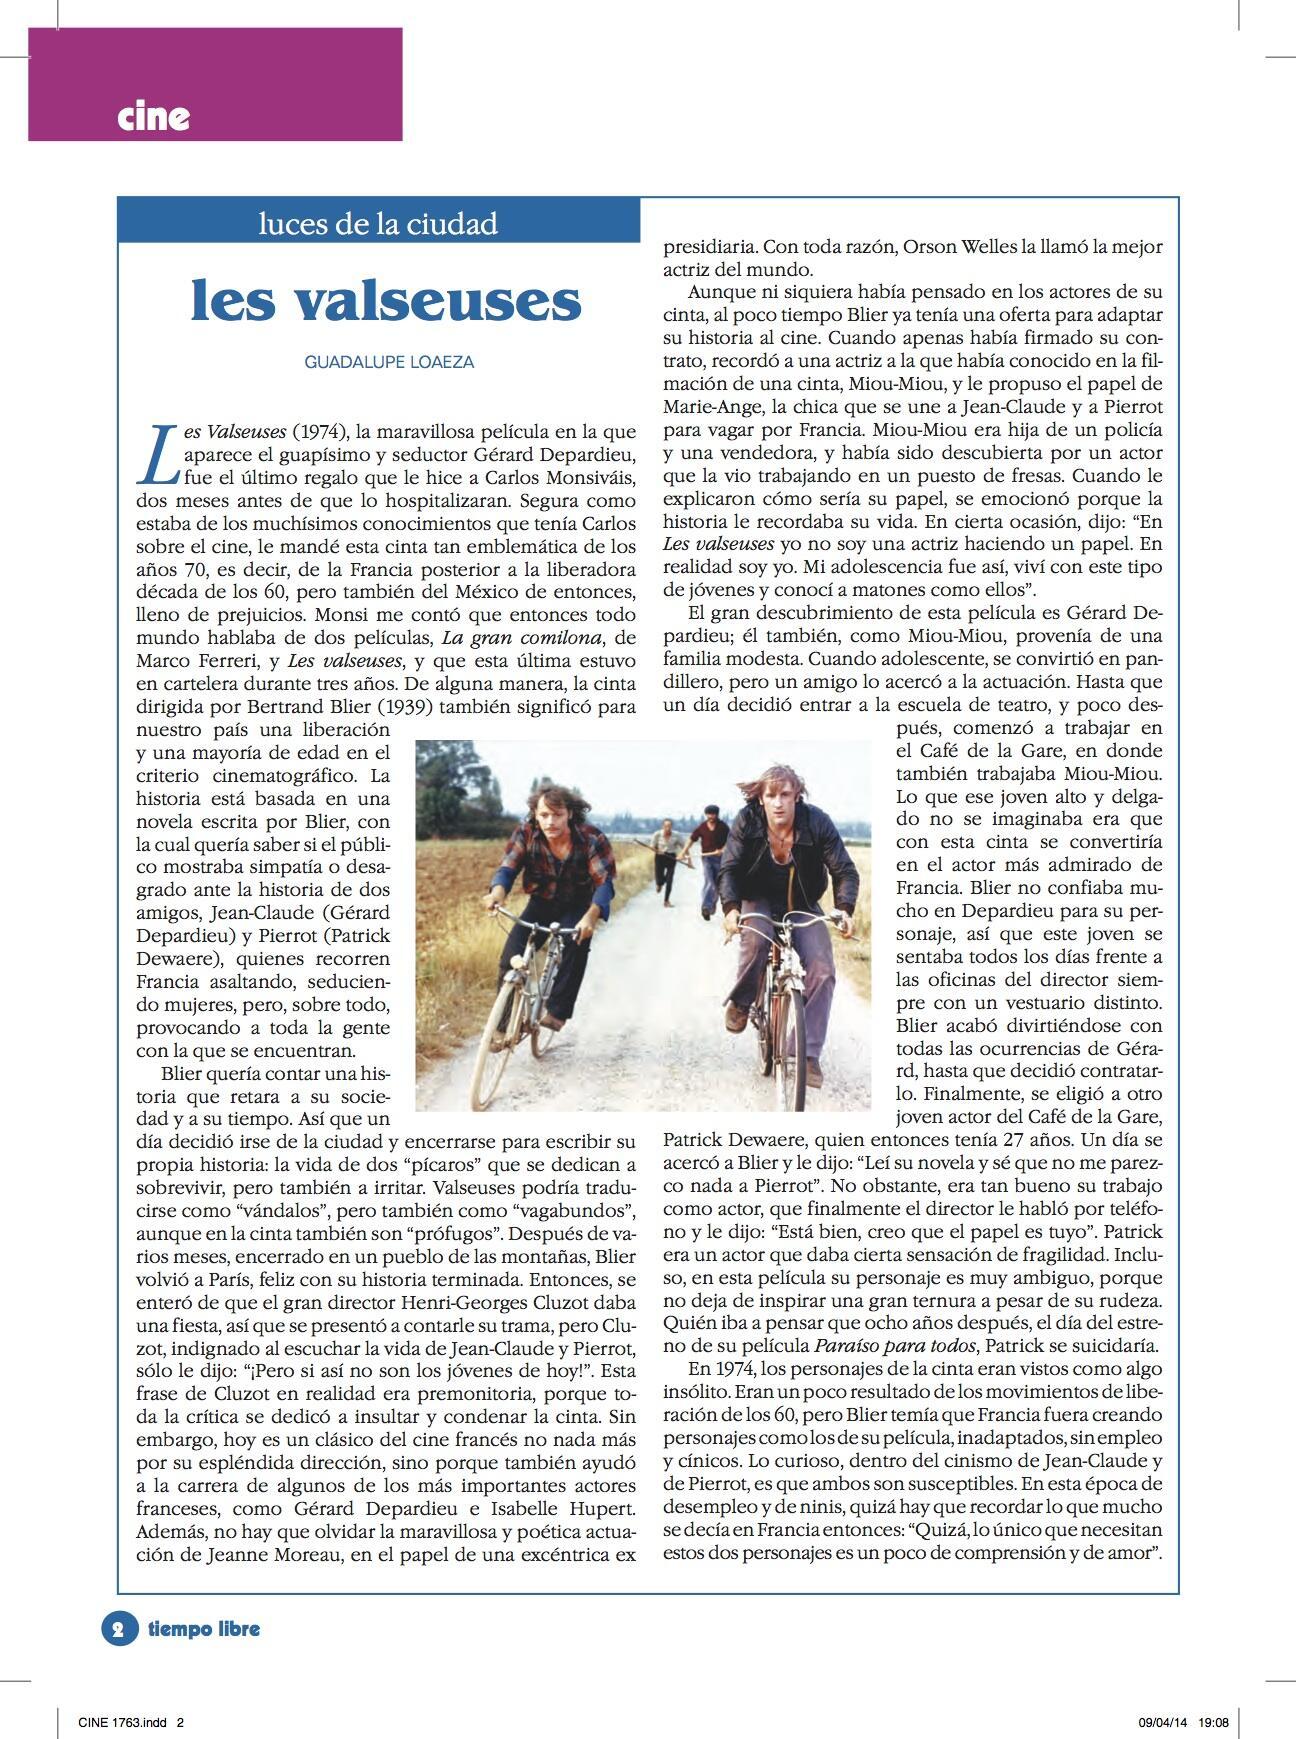 """Aquí la colaboración semanal de Guadalupe Loaeza, en esta ocasión sobre """"Les Valseuses"""" con un Depardieu joven http://t.co/045XC8y2QL"""